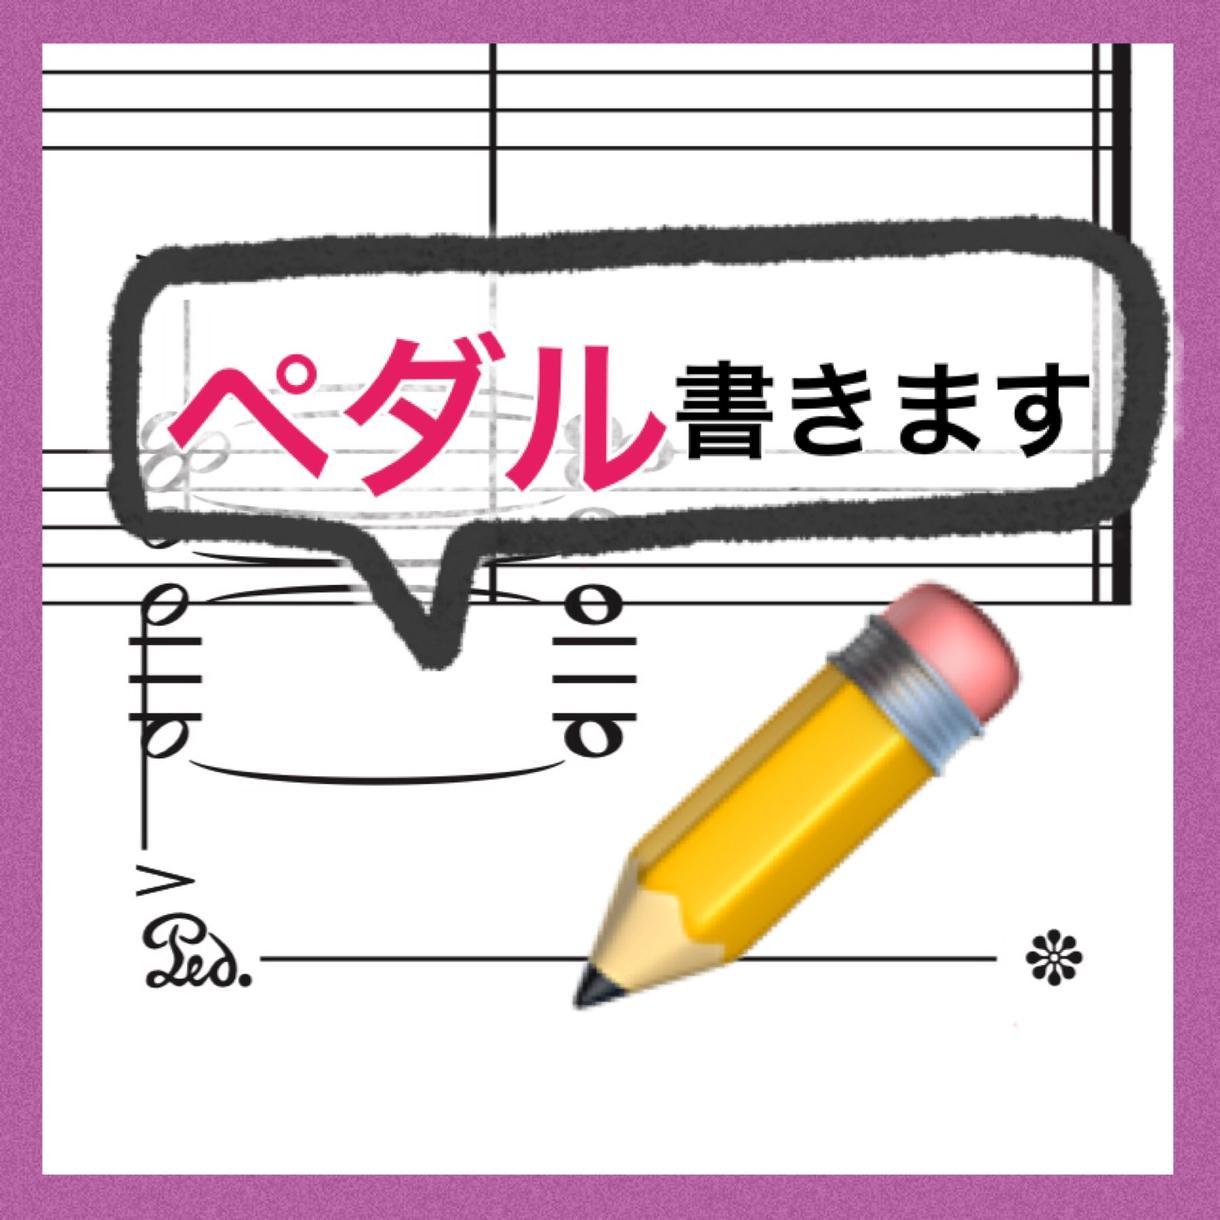 ピアノ【ペダル記号】書きます 美しく響かせるためのペダルのタイミングが分かります